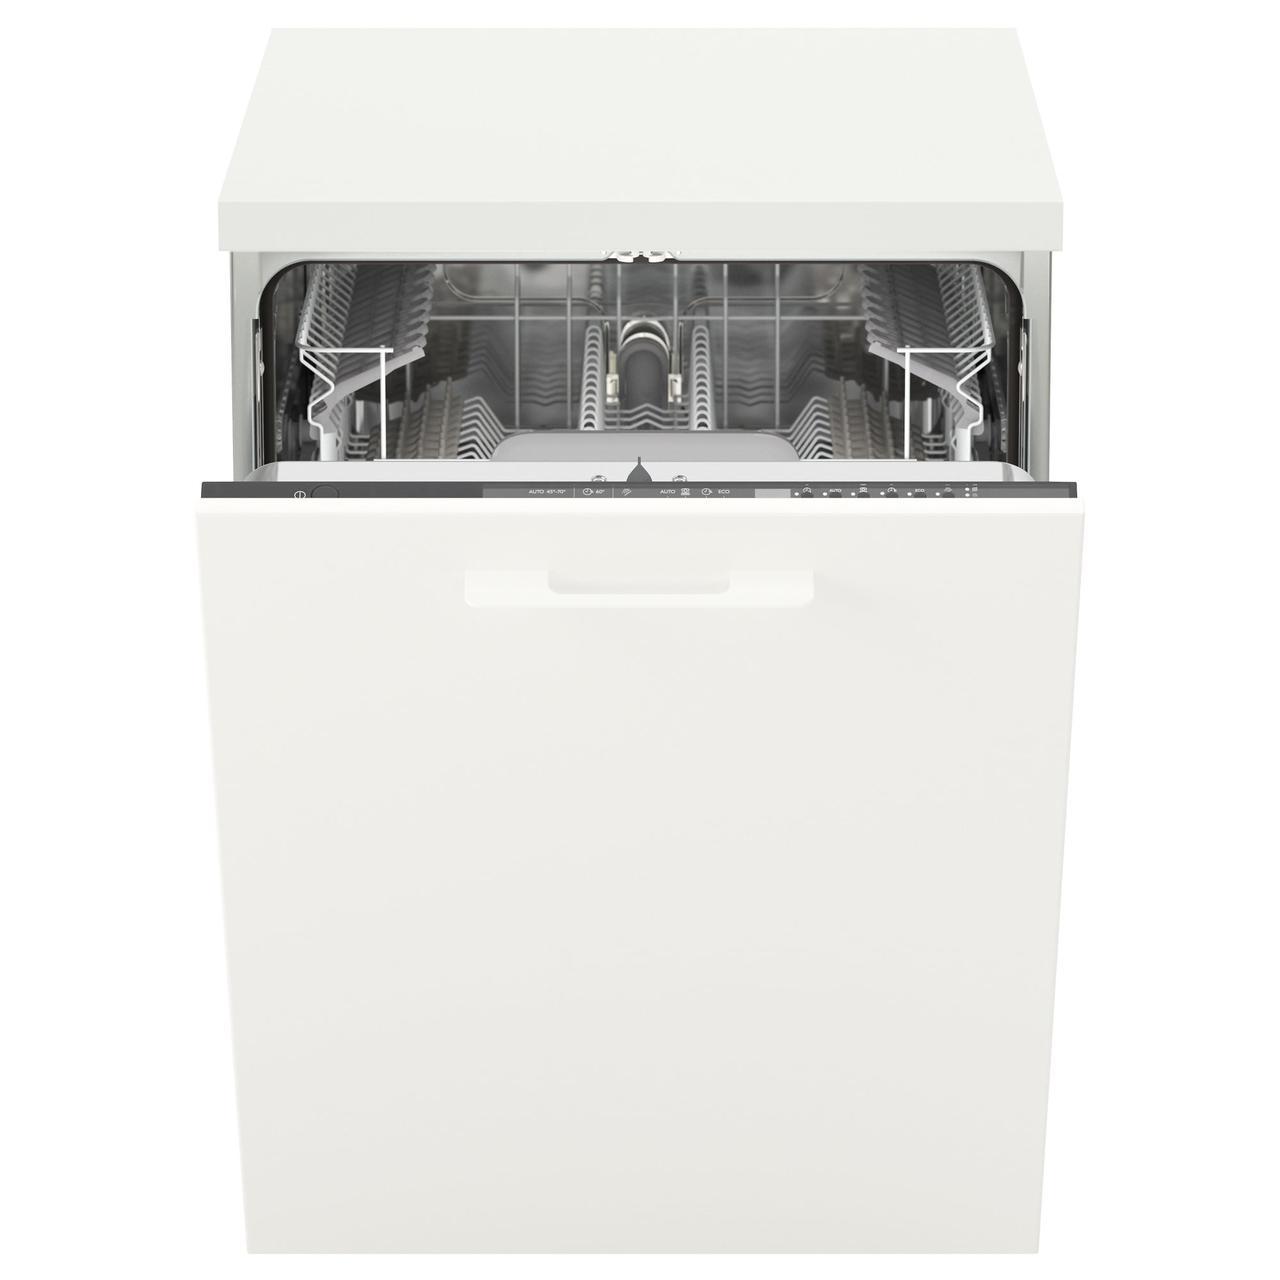 СКИНАНДЕ Встраиваемая посудомоечная машина, серый